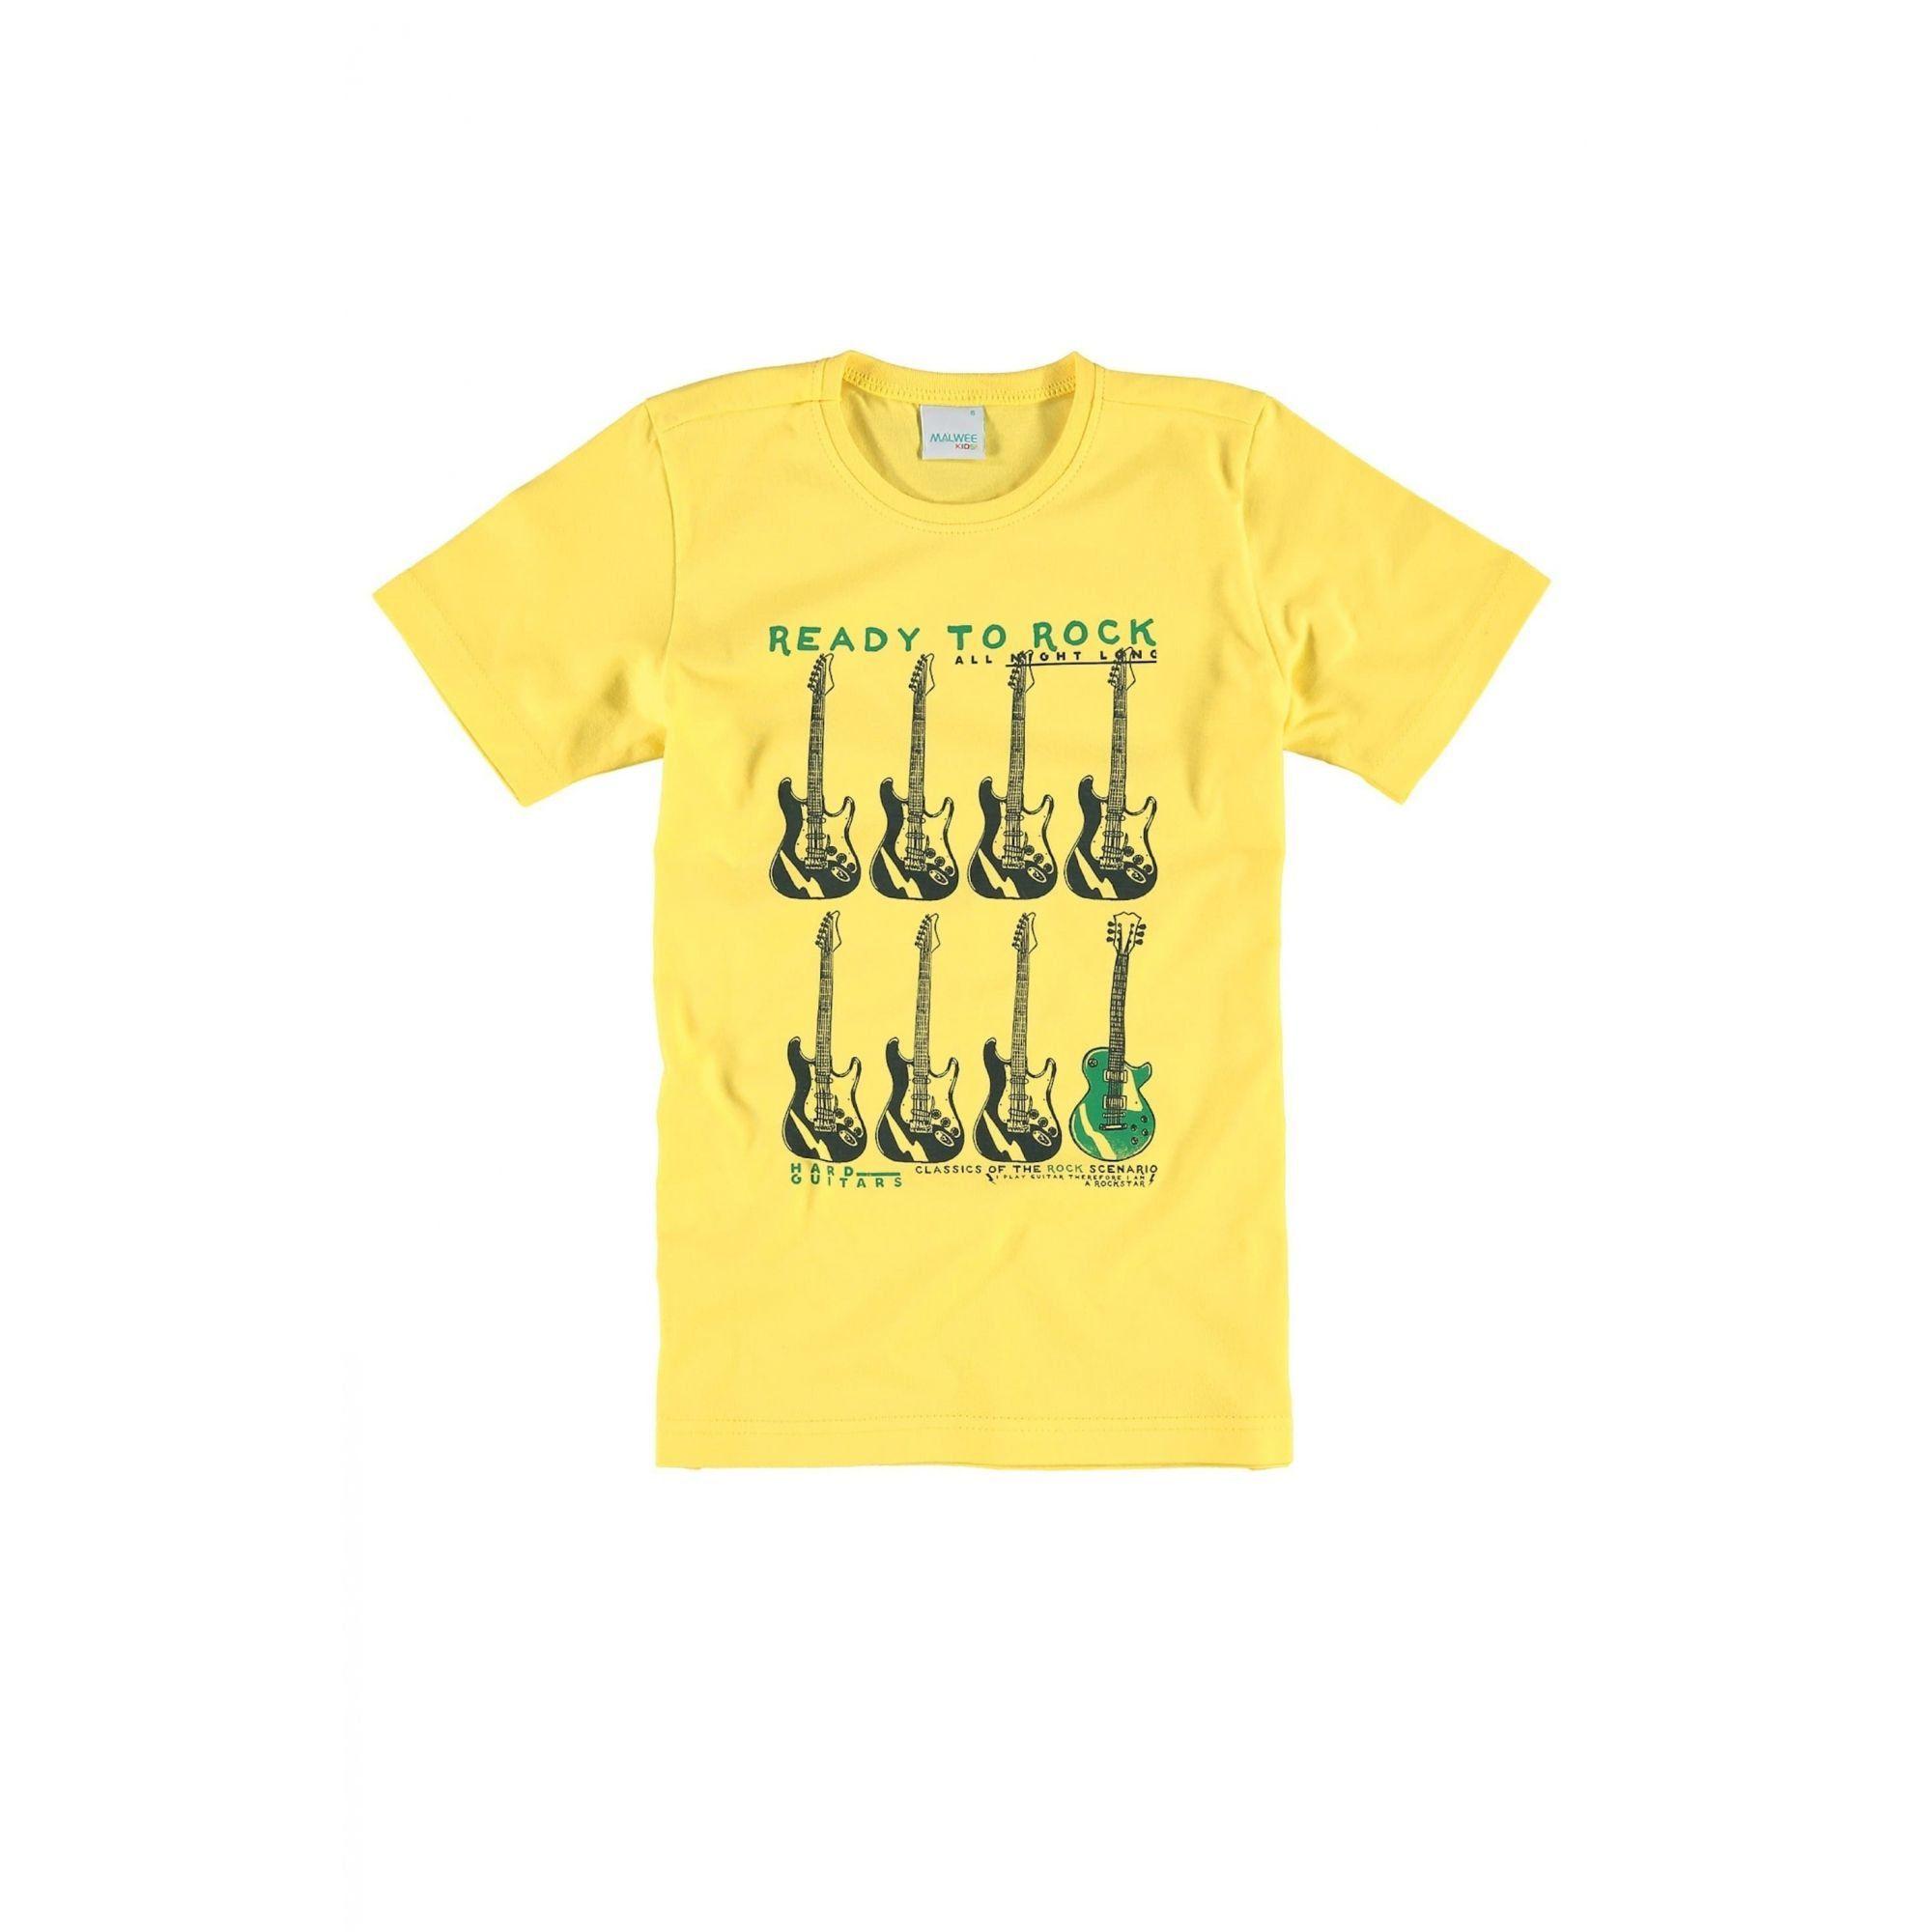 Camiseta Infantil Masculina Amarela Ready to Rock Malwee